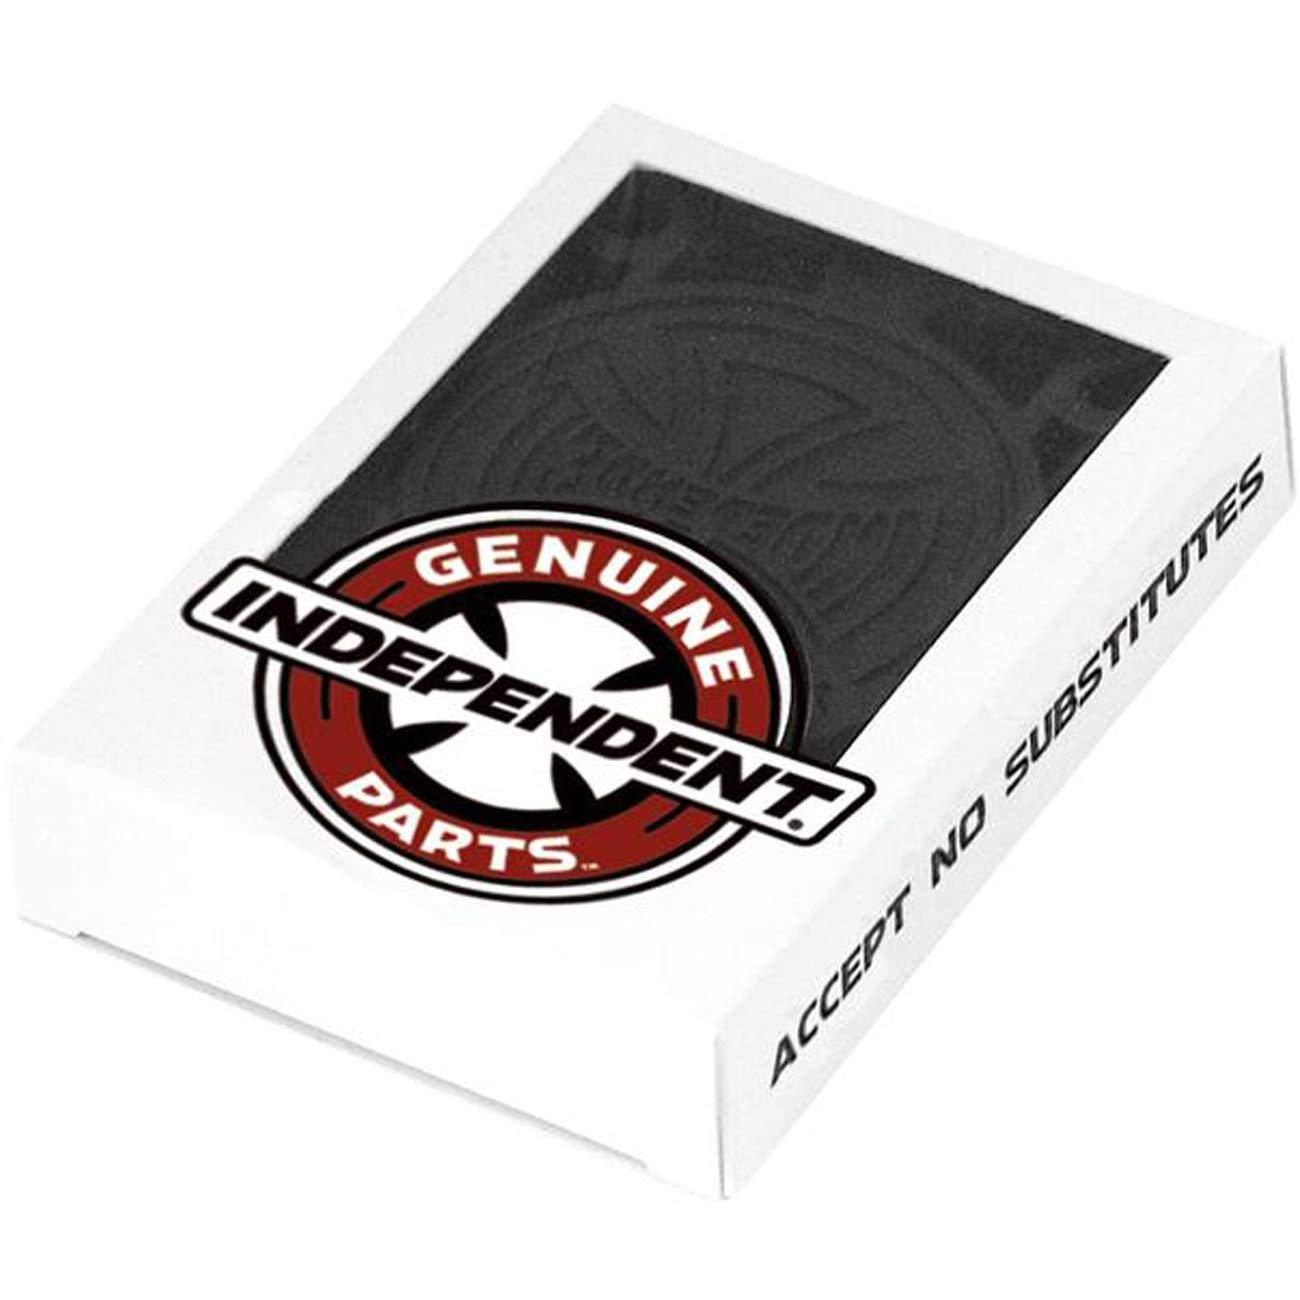 Independent Genuine Parts Riser Set Black 1/4 Set